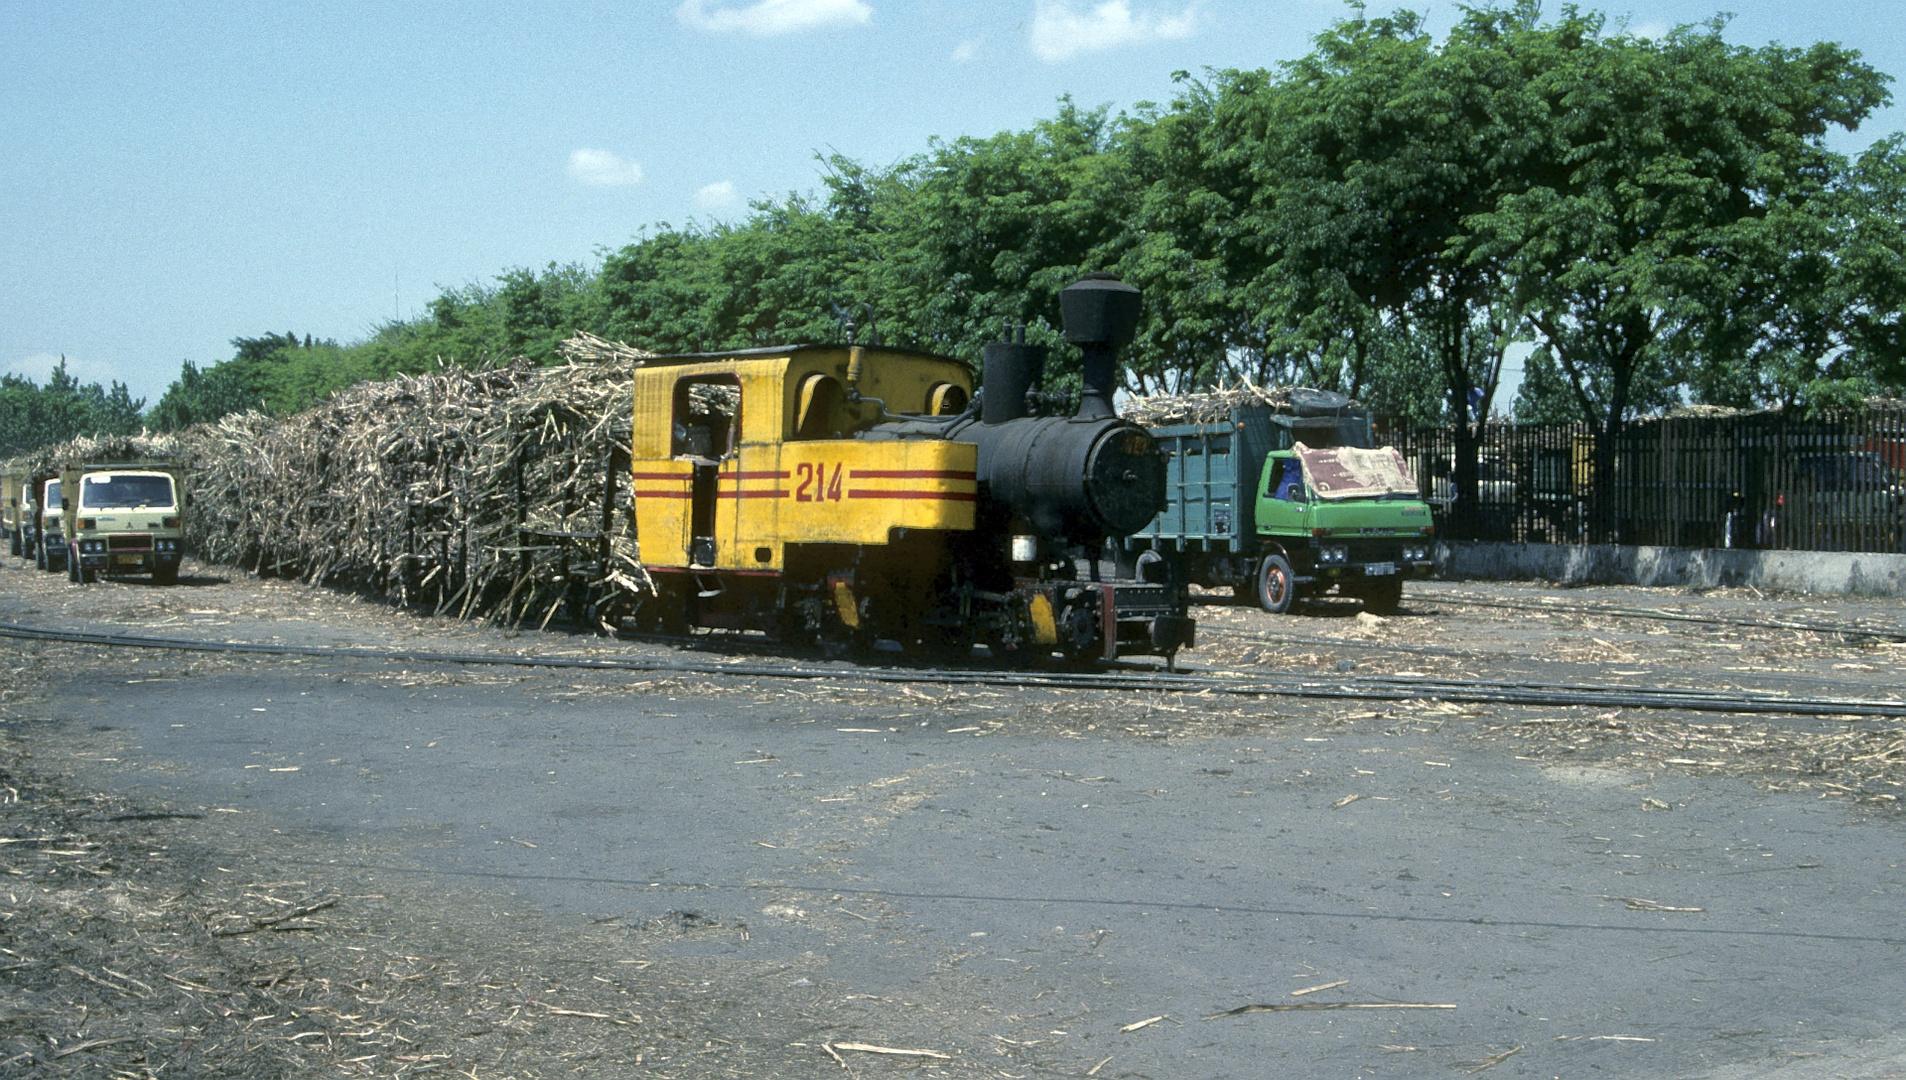 Zuckerfabrik PG Pesantren Baru , Kediri (Java, Indonesien), August 1992